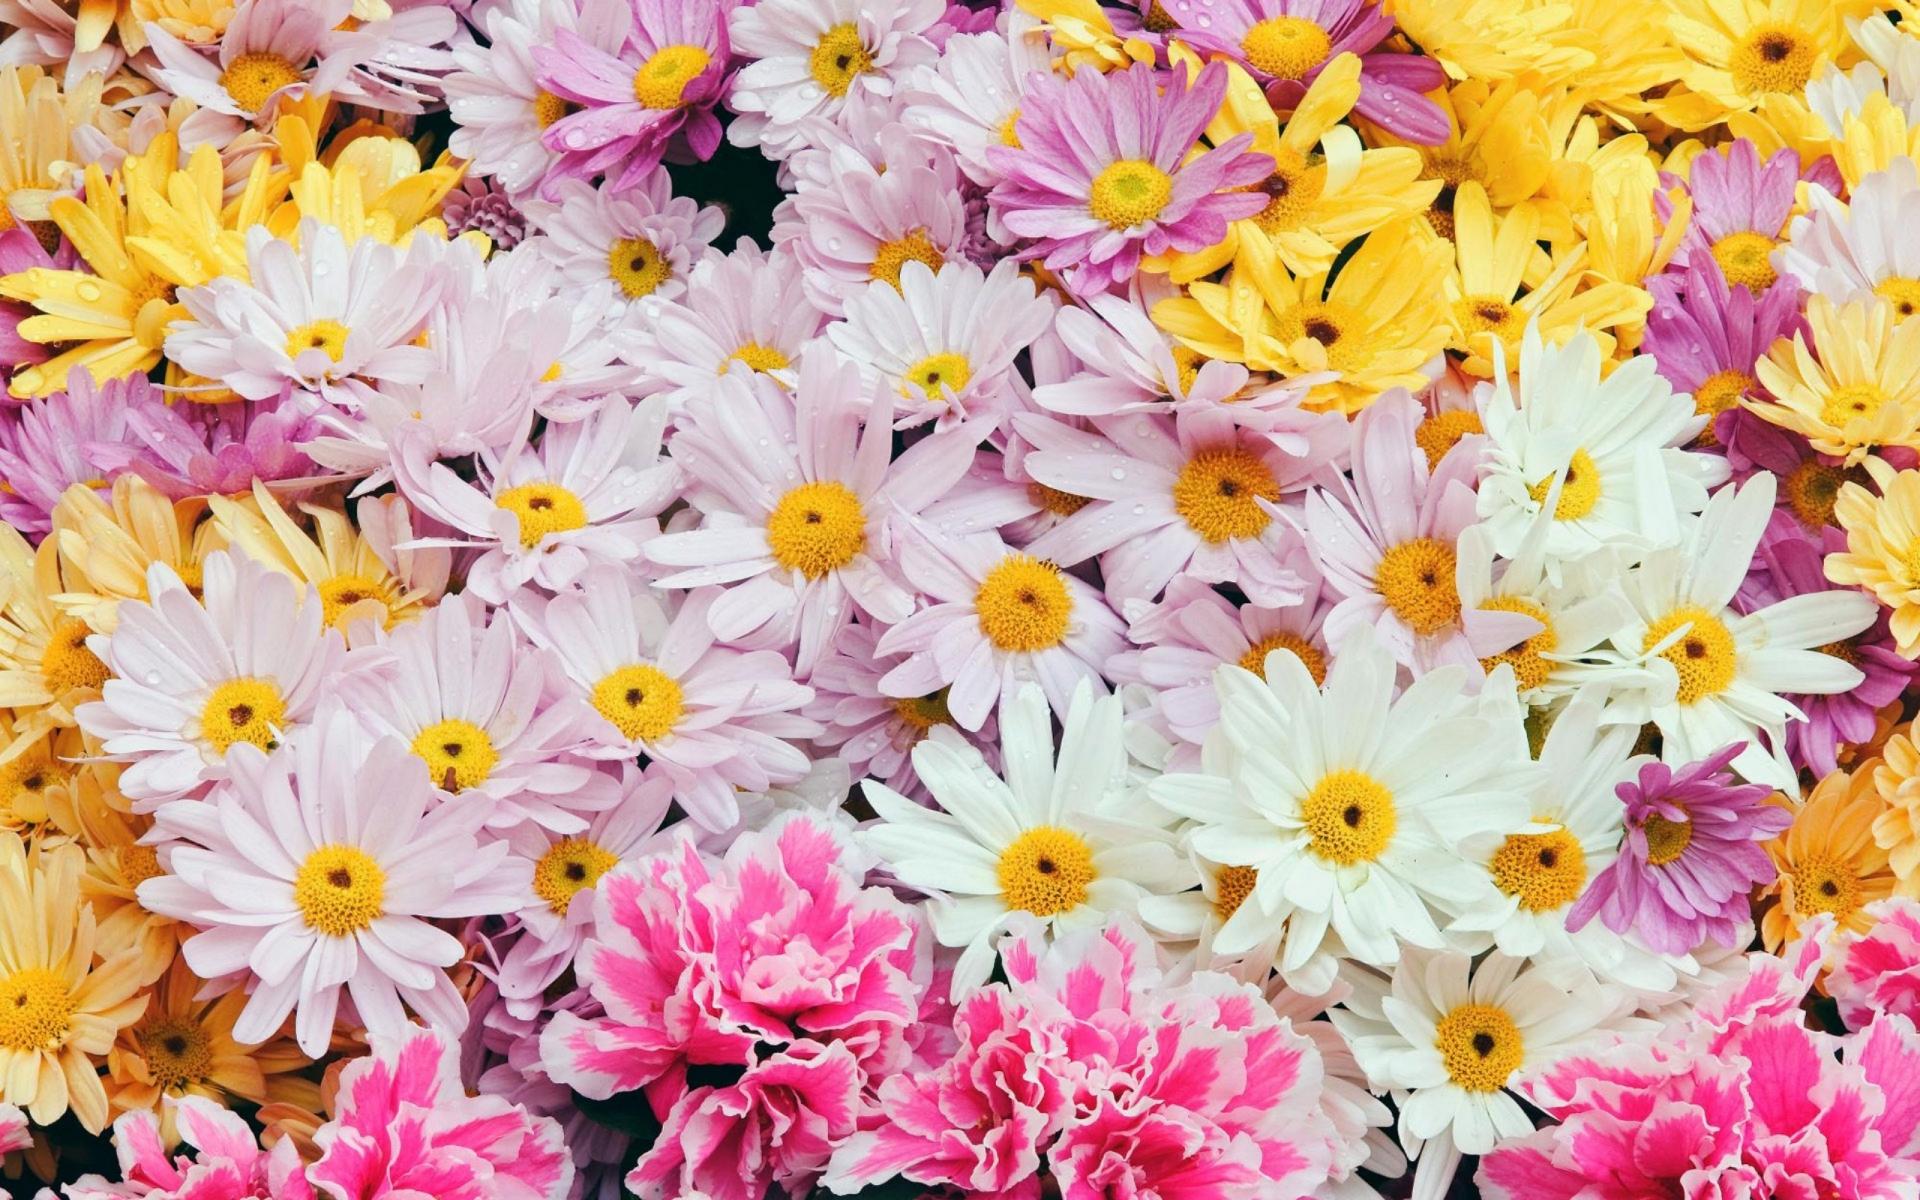 Flores Margaritas Tumblr Imagui Fondos T Fondos